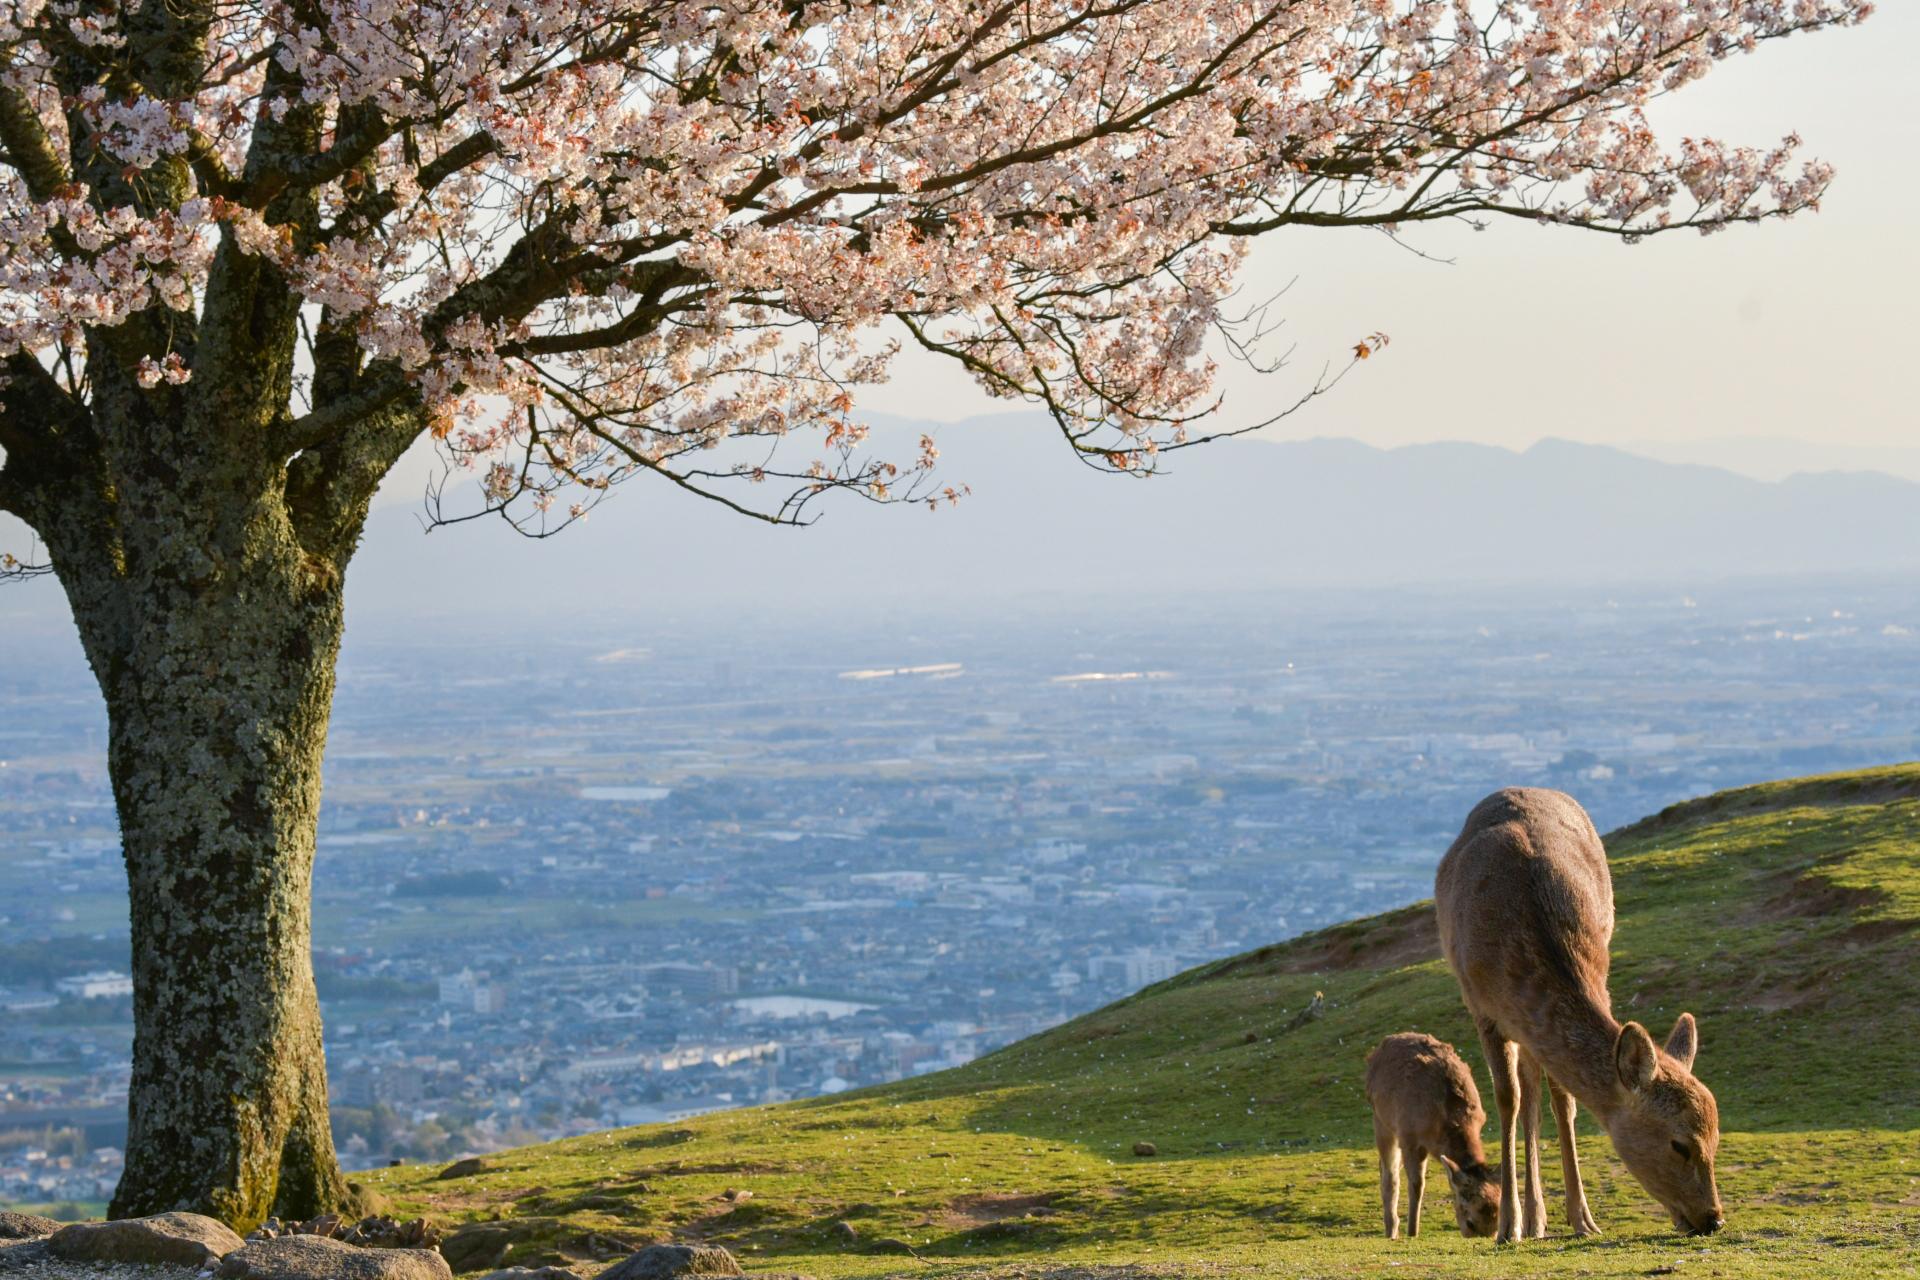 4521076_m 奈良県  奈良公園(鹿と桜の美しい景色が見れる春におすすめの桜スポット! 写真の紹介、アクセス情報や駐車場情報など)